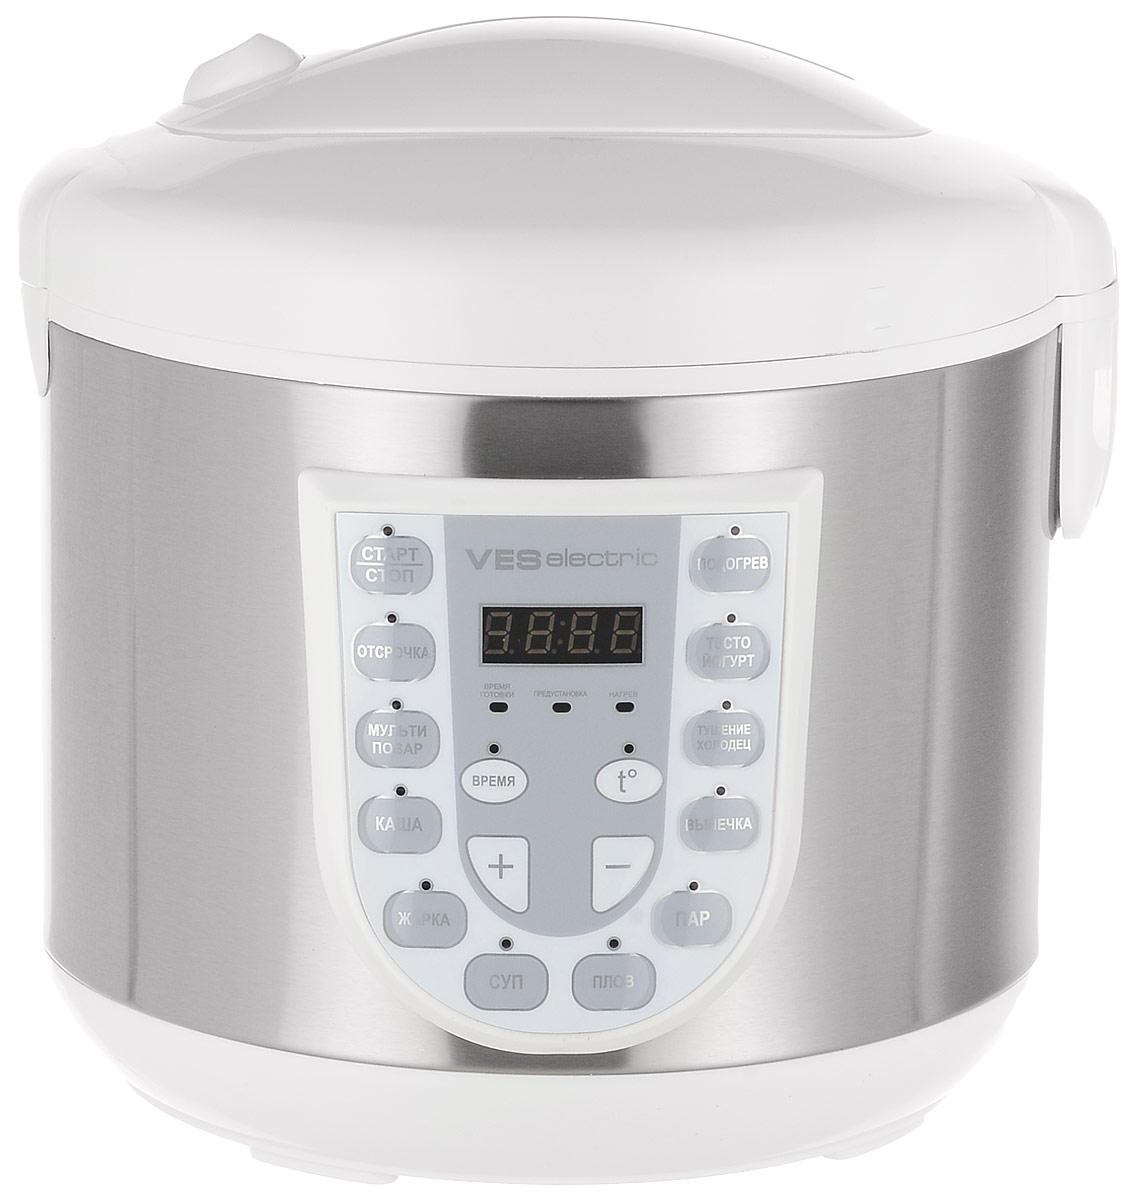 Ves SK-A13-W мультиваркаSK-A13-WМультиварка Ves SK-A13-W имеет 11 программ приготовления различных блюд. Модель оснащена светодиодным LED дисплеем. Комплектуется чашей со специальным угольным покрытием. Подходит для приготовления диетического питания. Прибор имеет возможность ручной настройки времени (до 12 часов) и температуры приготовления (от 35 до 160°C). Ручные настройки в сочетании с вашим опытом помогут добиться наиточнейшего выполнения рецептов и создания новых. Отсрочка старта: до 16 ч